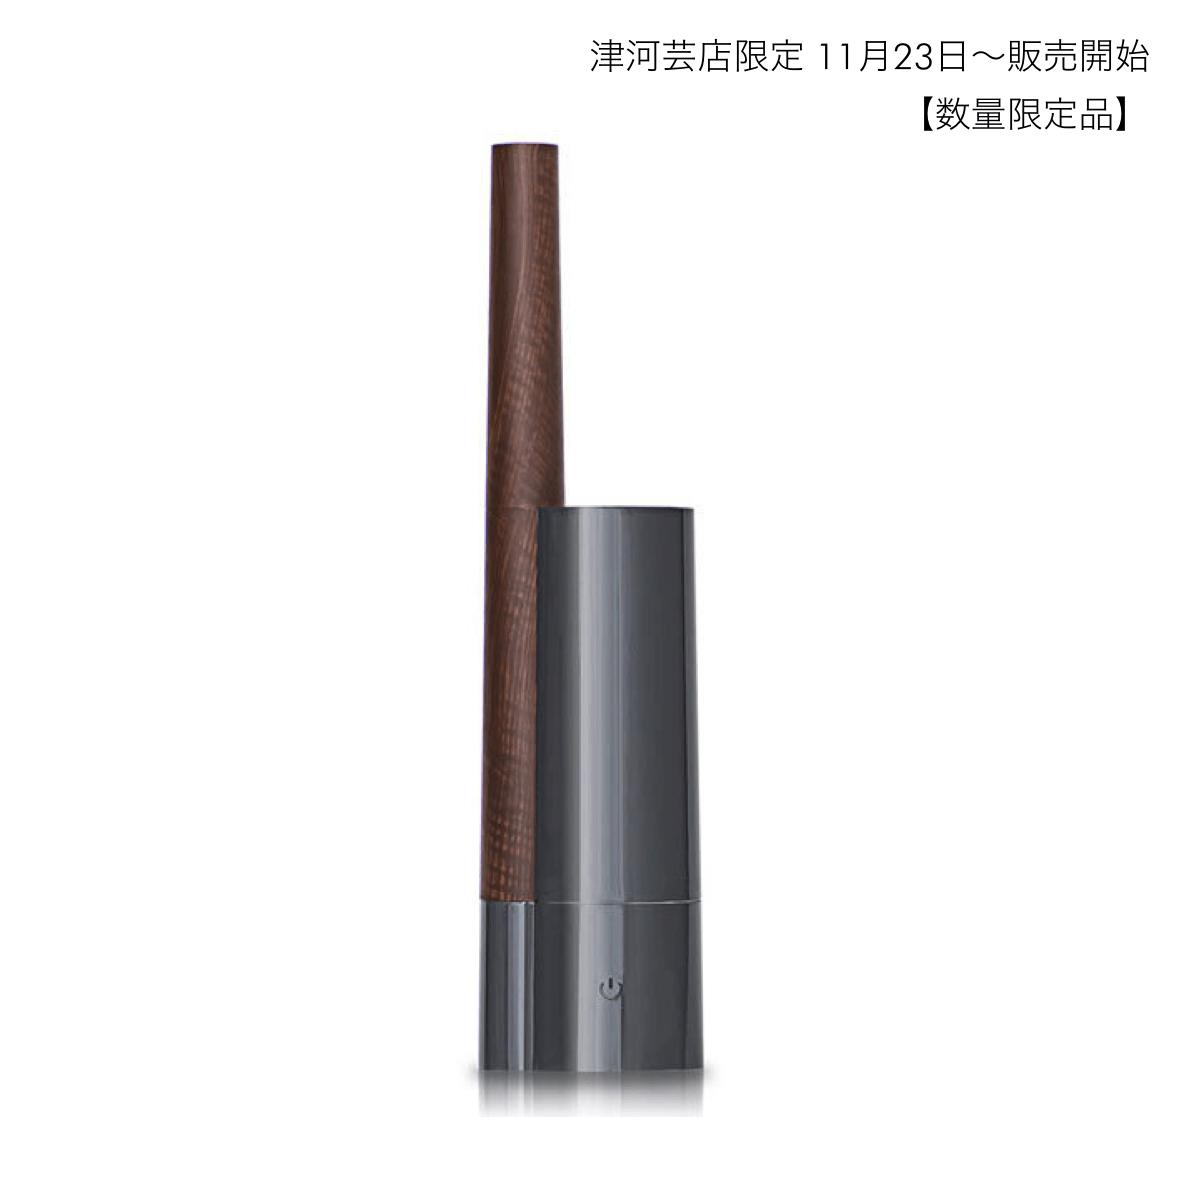 アロマ 超音波加湿器 PR-HF004W BR